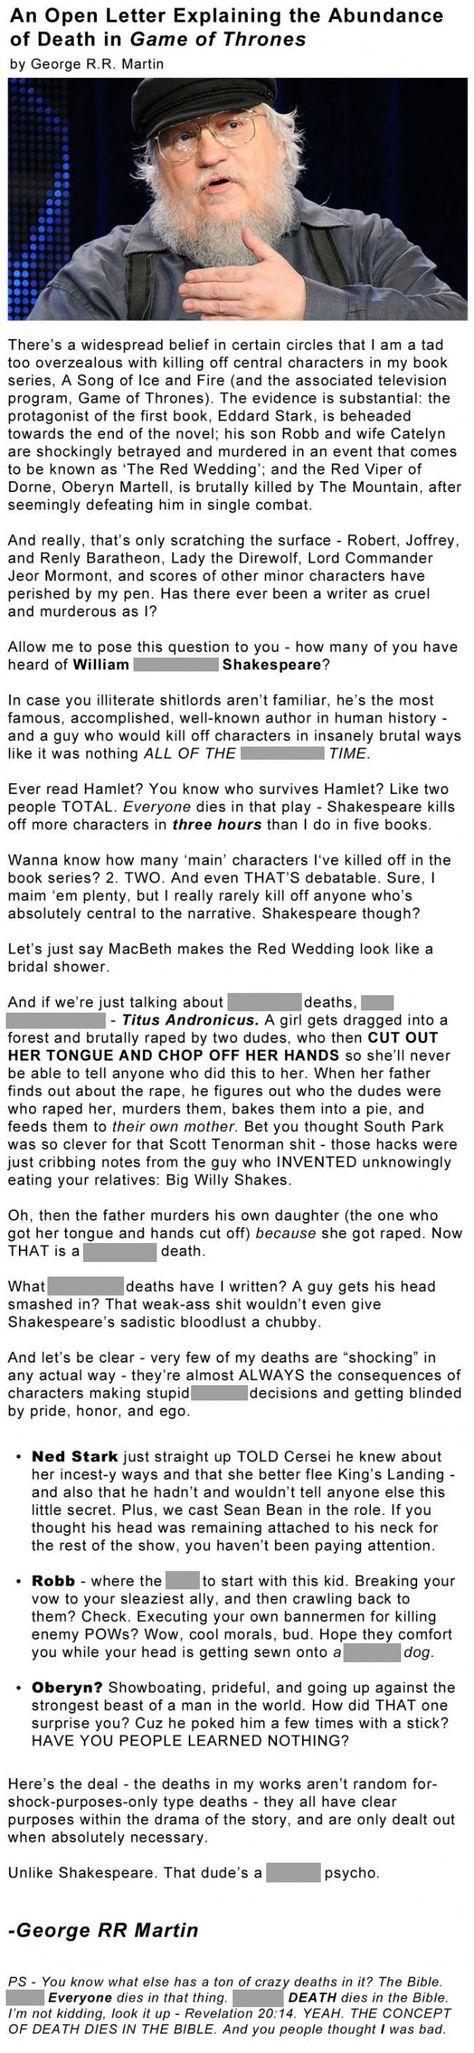 A letter from George RR Martin. - Ich verstehe nicht, dass die Leute sich über sowas aufregen. Dann lest die Bücher nicht und schaut die Serie nicht!